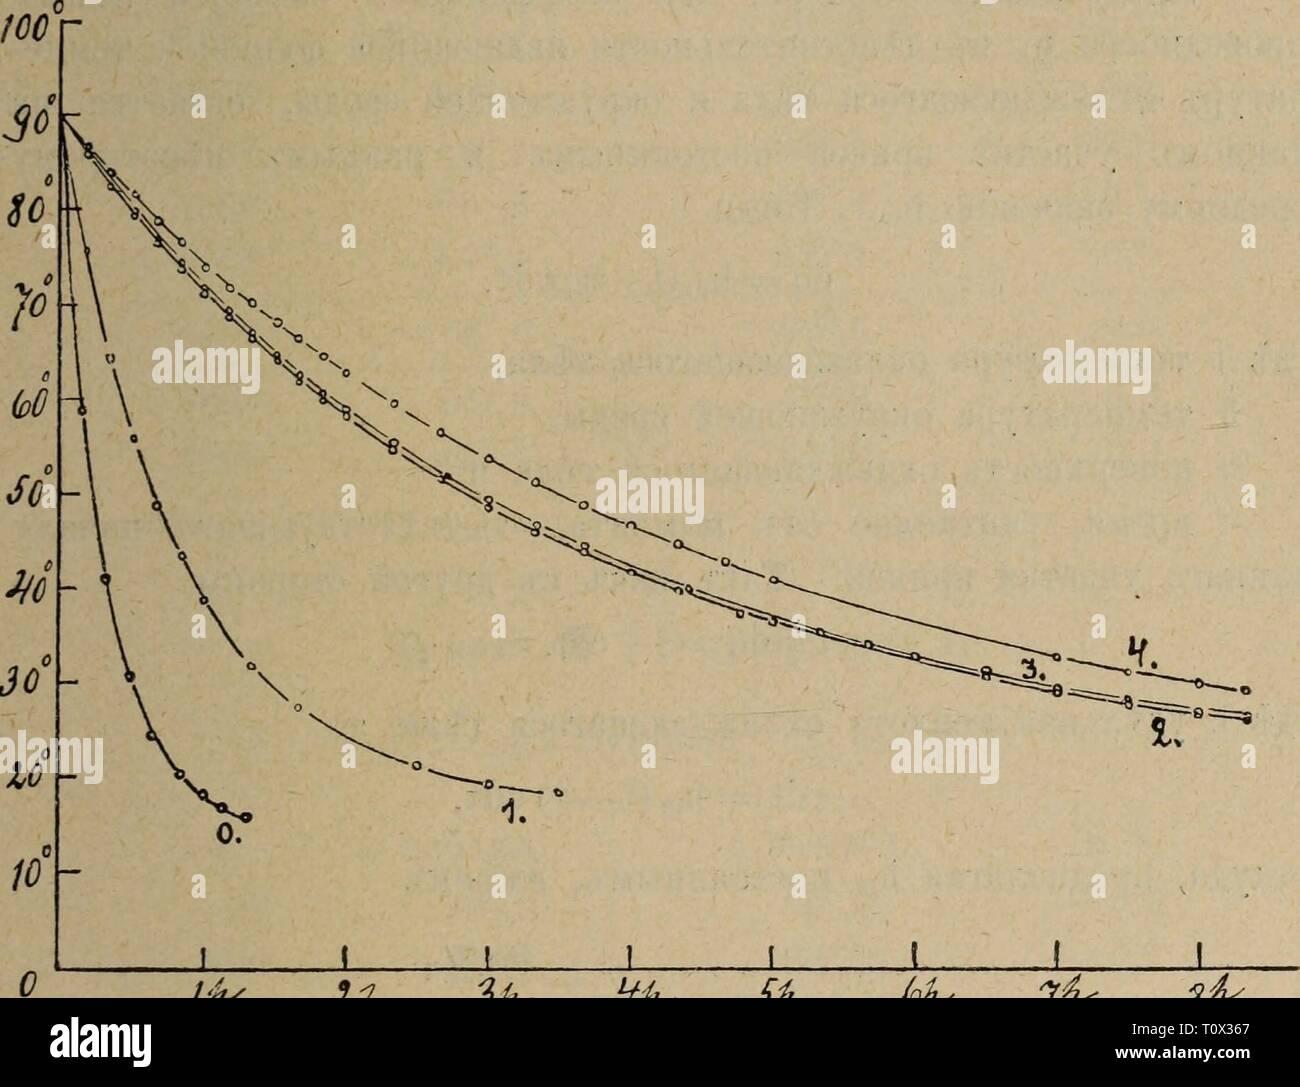 Eesti Looduseuurijate Seltsi aastaraamat (1976) Eesti Looduseuurijate Seltsi aastaraamat  eestilooduseuuri1720eest Year: 1976  41 h bt> cycy^axL ^roapa N° 1 h Ns 4. Bi, npoõnpKi h cocy^t N° 1 pTjTL oxjiaac^ajiacL öe3i> nepeMBmHBaBm MiniajiKOÄ. Bt cocyjyk N° 4 Ptvtl oxjiaacÄajiacL cl nepeivTBiHHBameMi» BepTHKajiLHO ^BHraromeflca M^iiiajiKOH npn 30 hojihbixl xo^ax-B noojiB^Heft bt> 1 min. bmlcto OÕLIKHOBeHHO peKOMeH^yeMBIXT, 60 HOJIHBIX^ XOJBOBT, x). MtrnajiKa cocTOJiJia H3-B JKejiB3flaro KOJiBHa h AByxx koctahbixl CTepacHeft. TOMT>-3Ke caMOMx cocy^B pTyxB oxjiajKAajiacB TaKJKe õezi, Stock Photo